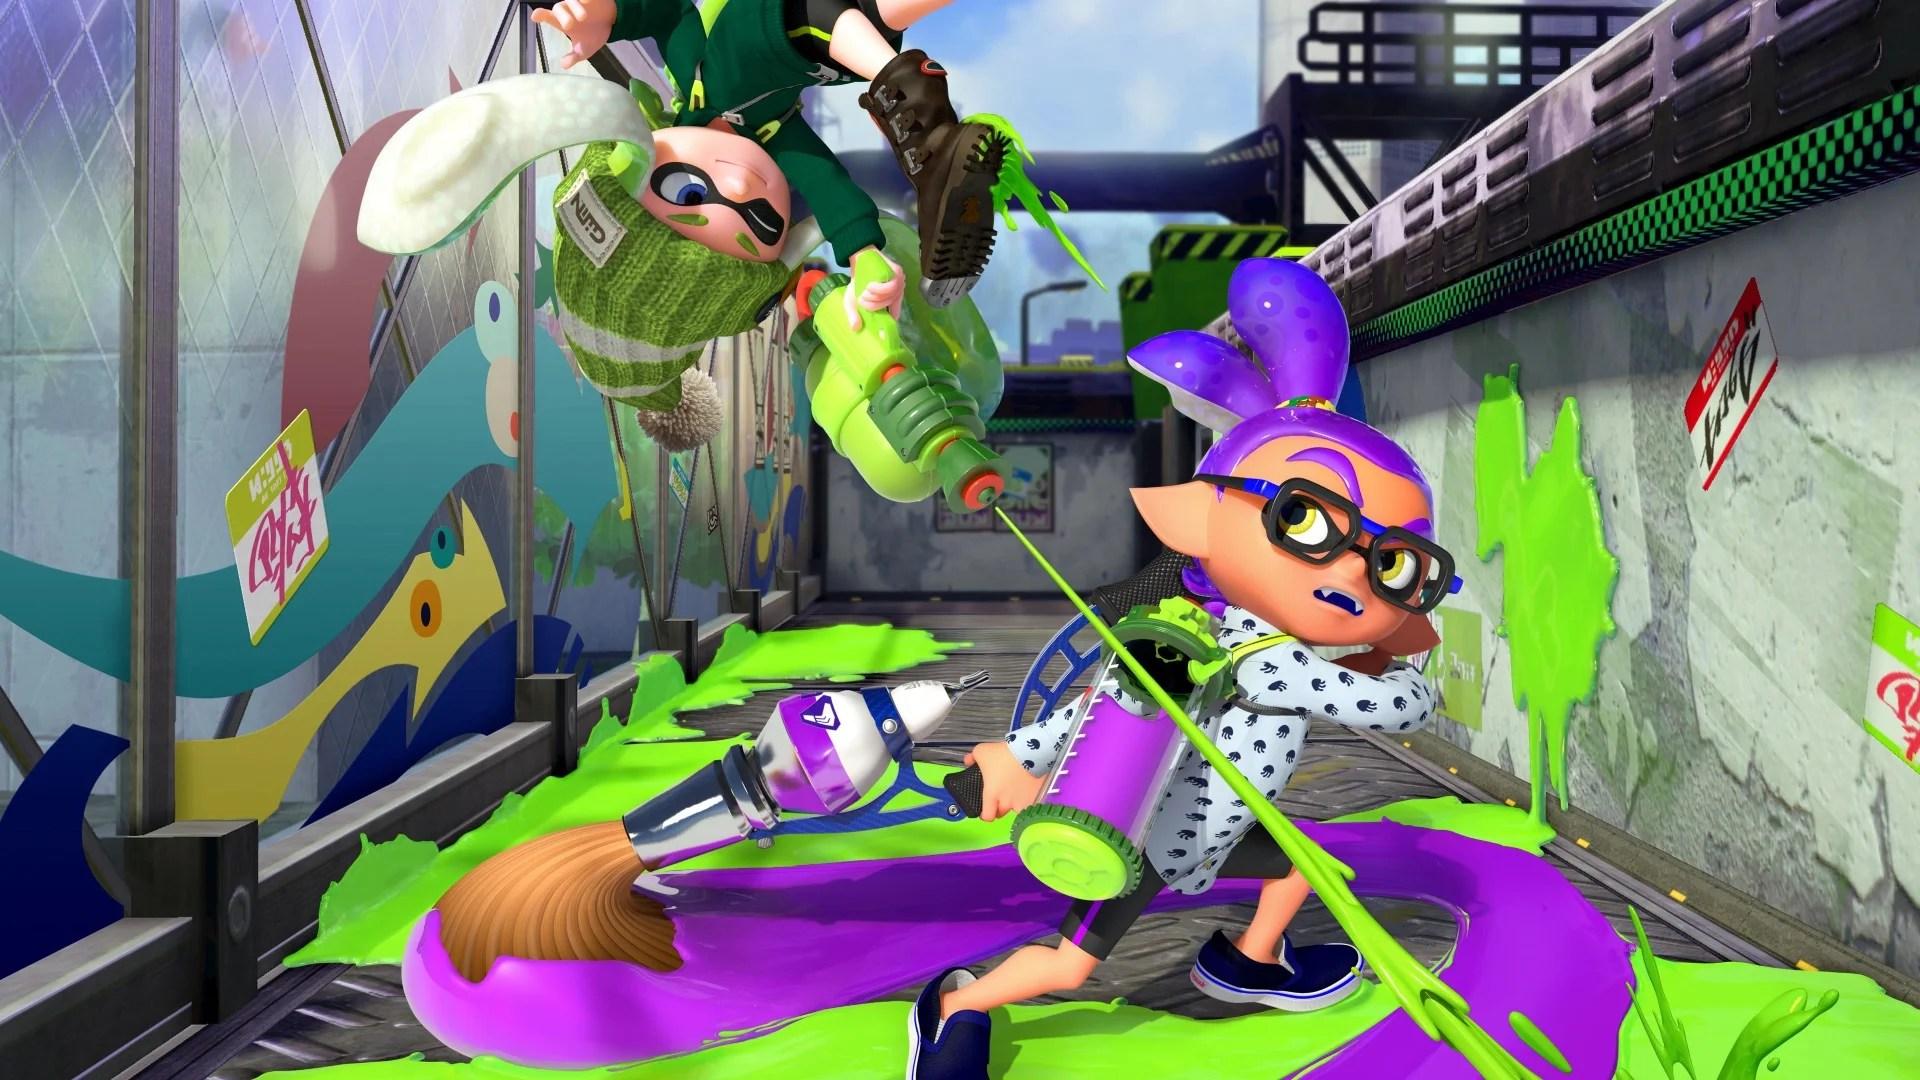 Squid Girl Iphone Wallpaper Splatoon Wii U Review Nintendo S Inkredible New